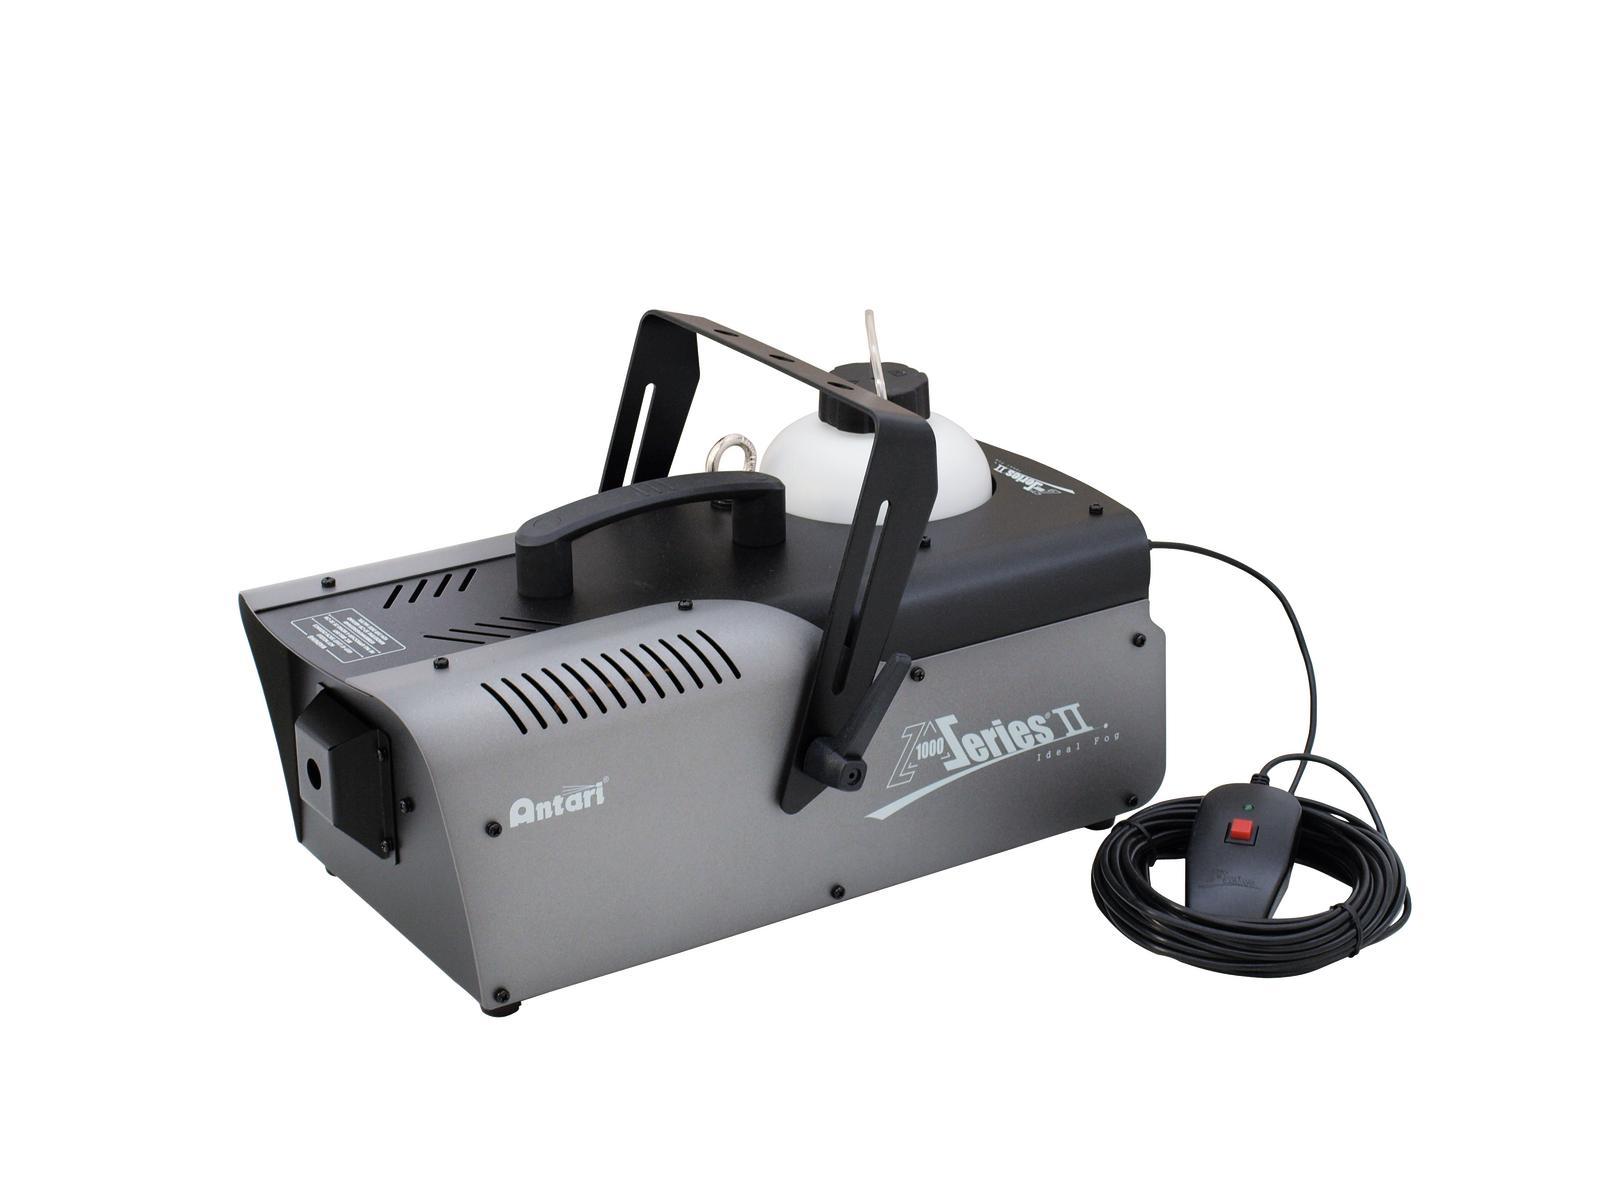 Macchina del fumo 1000 W, interfaccia DMX, controller, ANTARI Z-1000 MK2